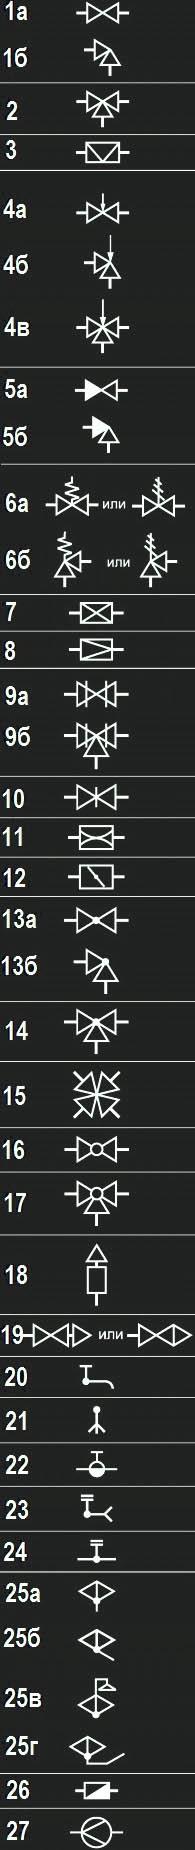 условные графические обозначения основной трубопроводной арматуры